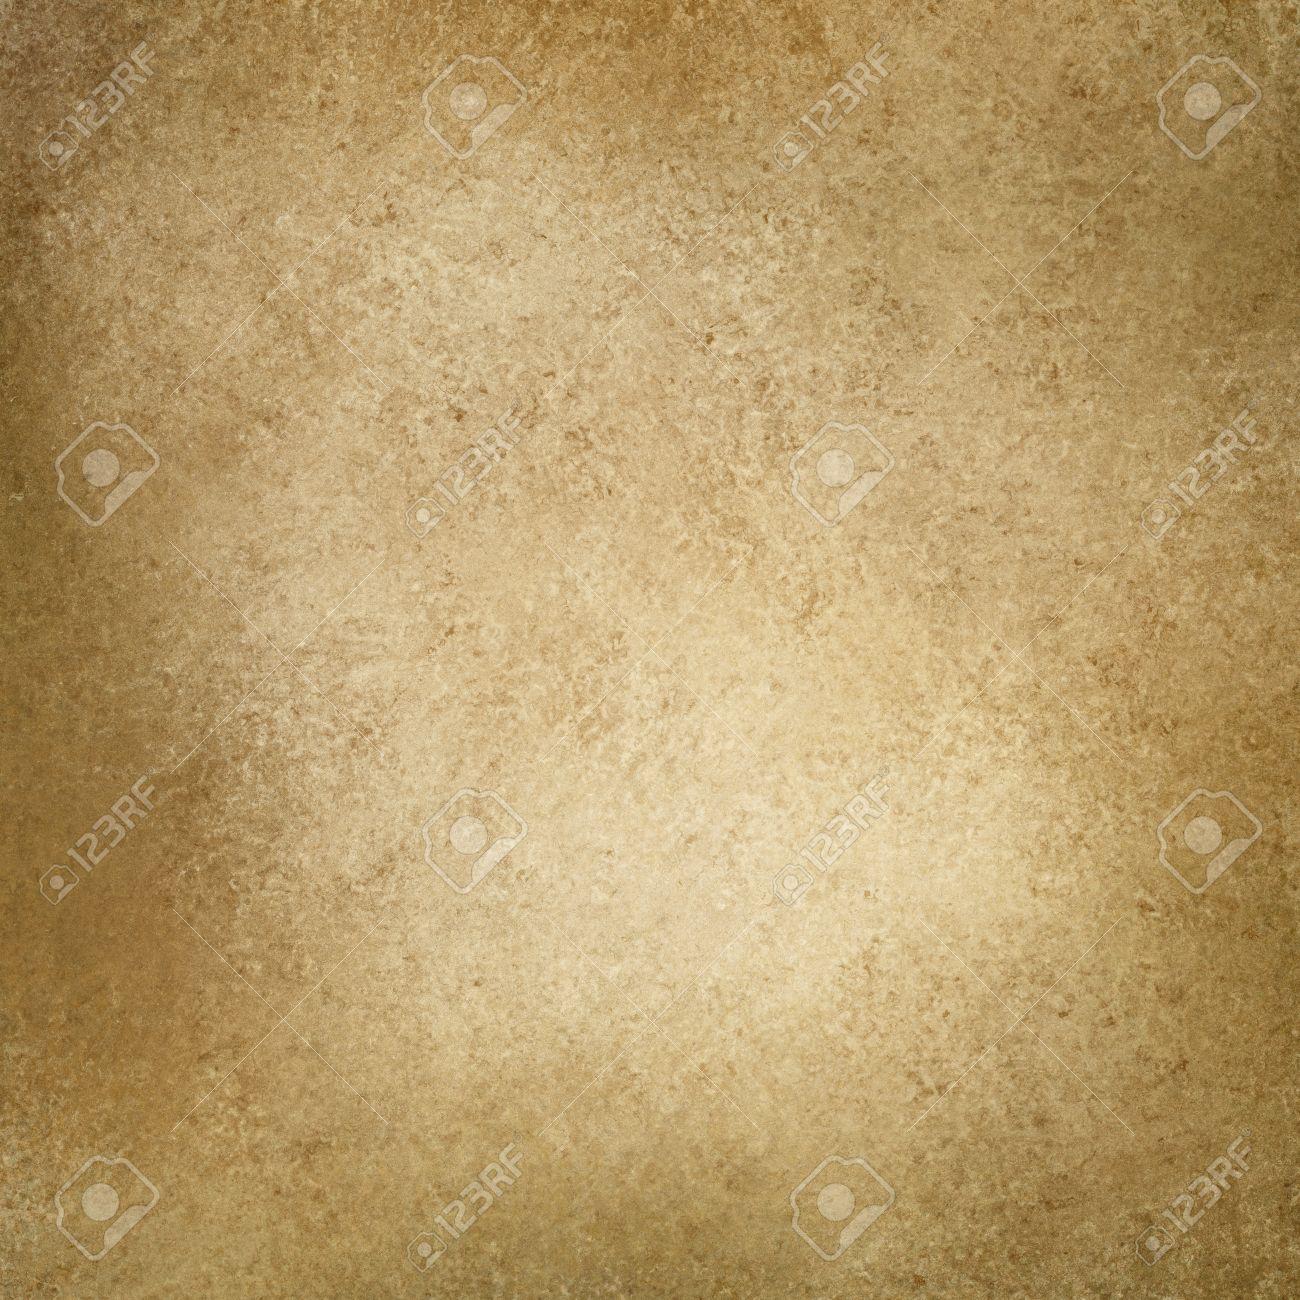 Brown Beige Background, Light Tan Color Design, Vintage Grunge ...